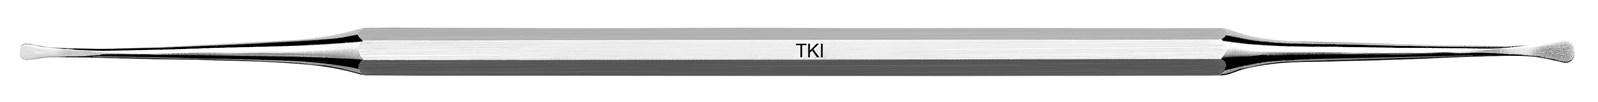 Nůž pro tunelovou techniku - TKI, ADEP světle modrý